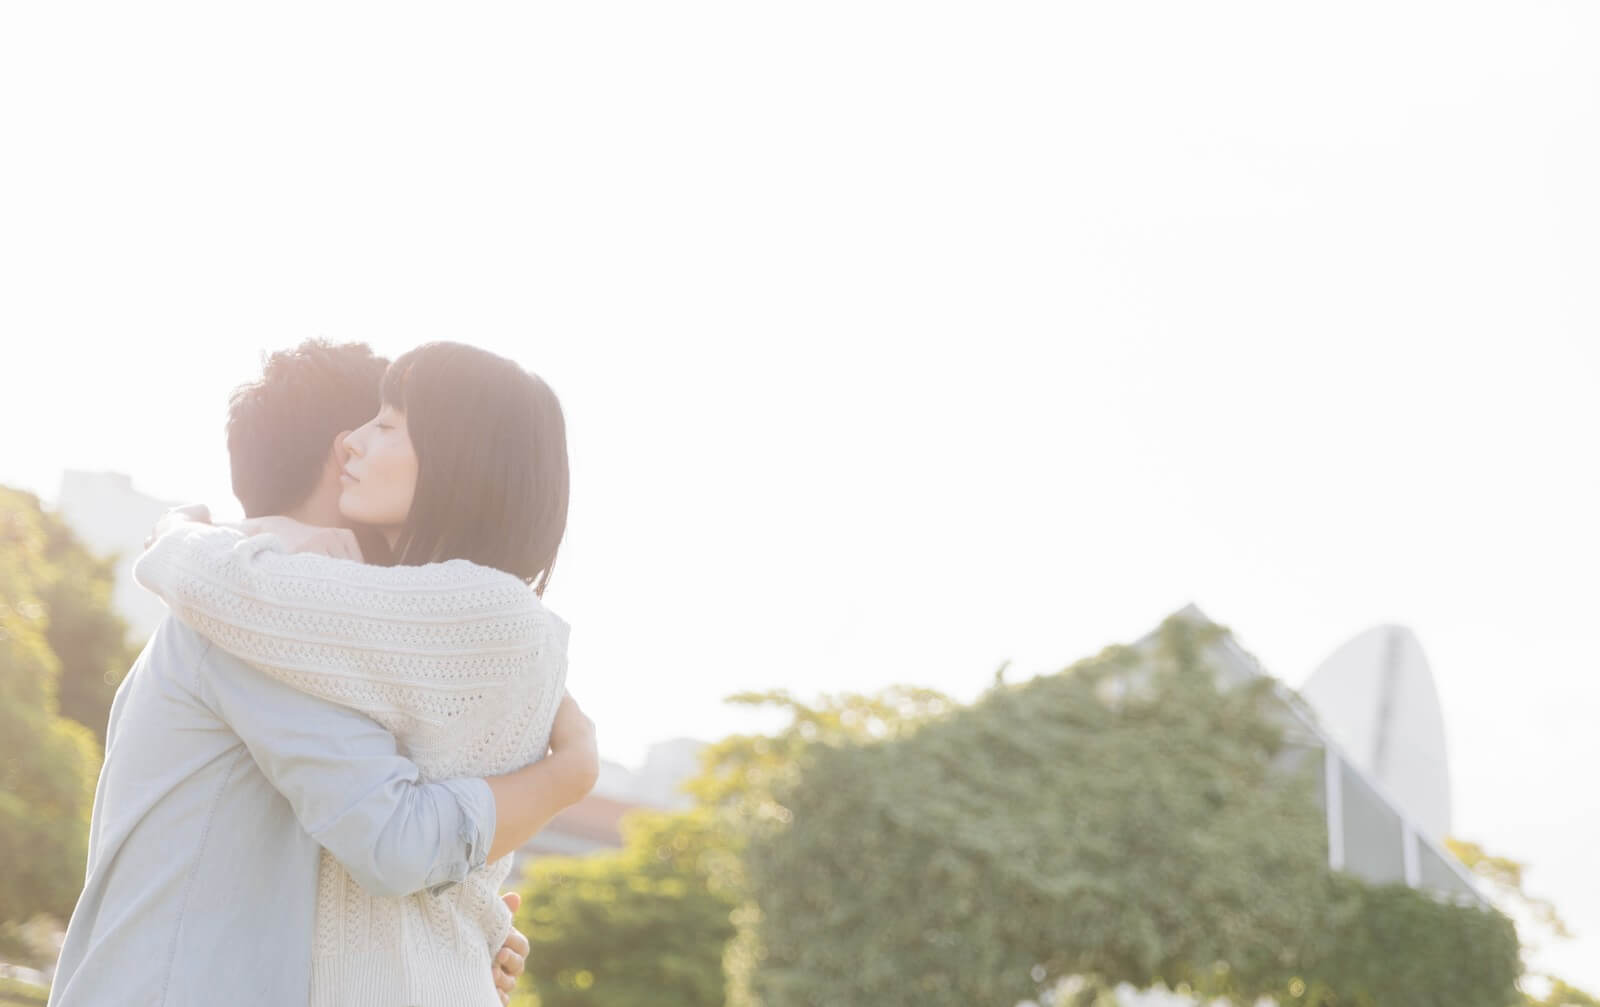 川崎市で復縁屋が行った工作事例集【復縁屋リスト付き】